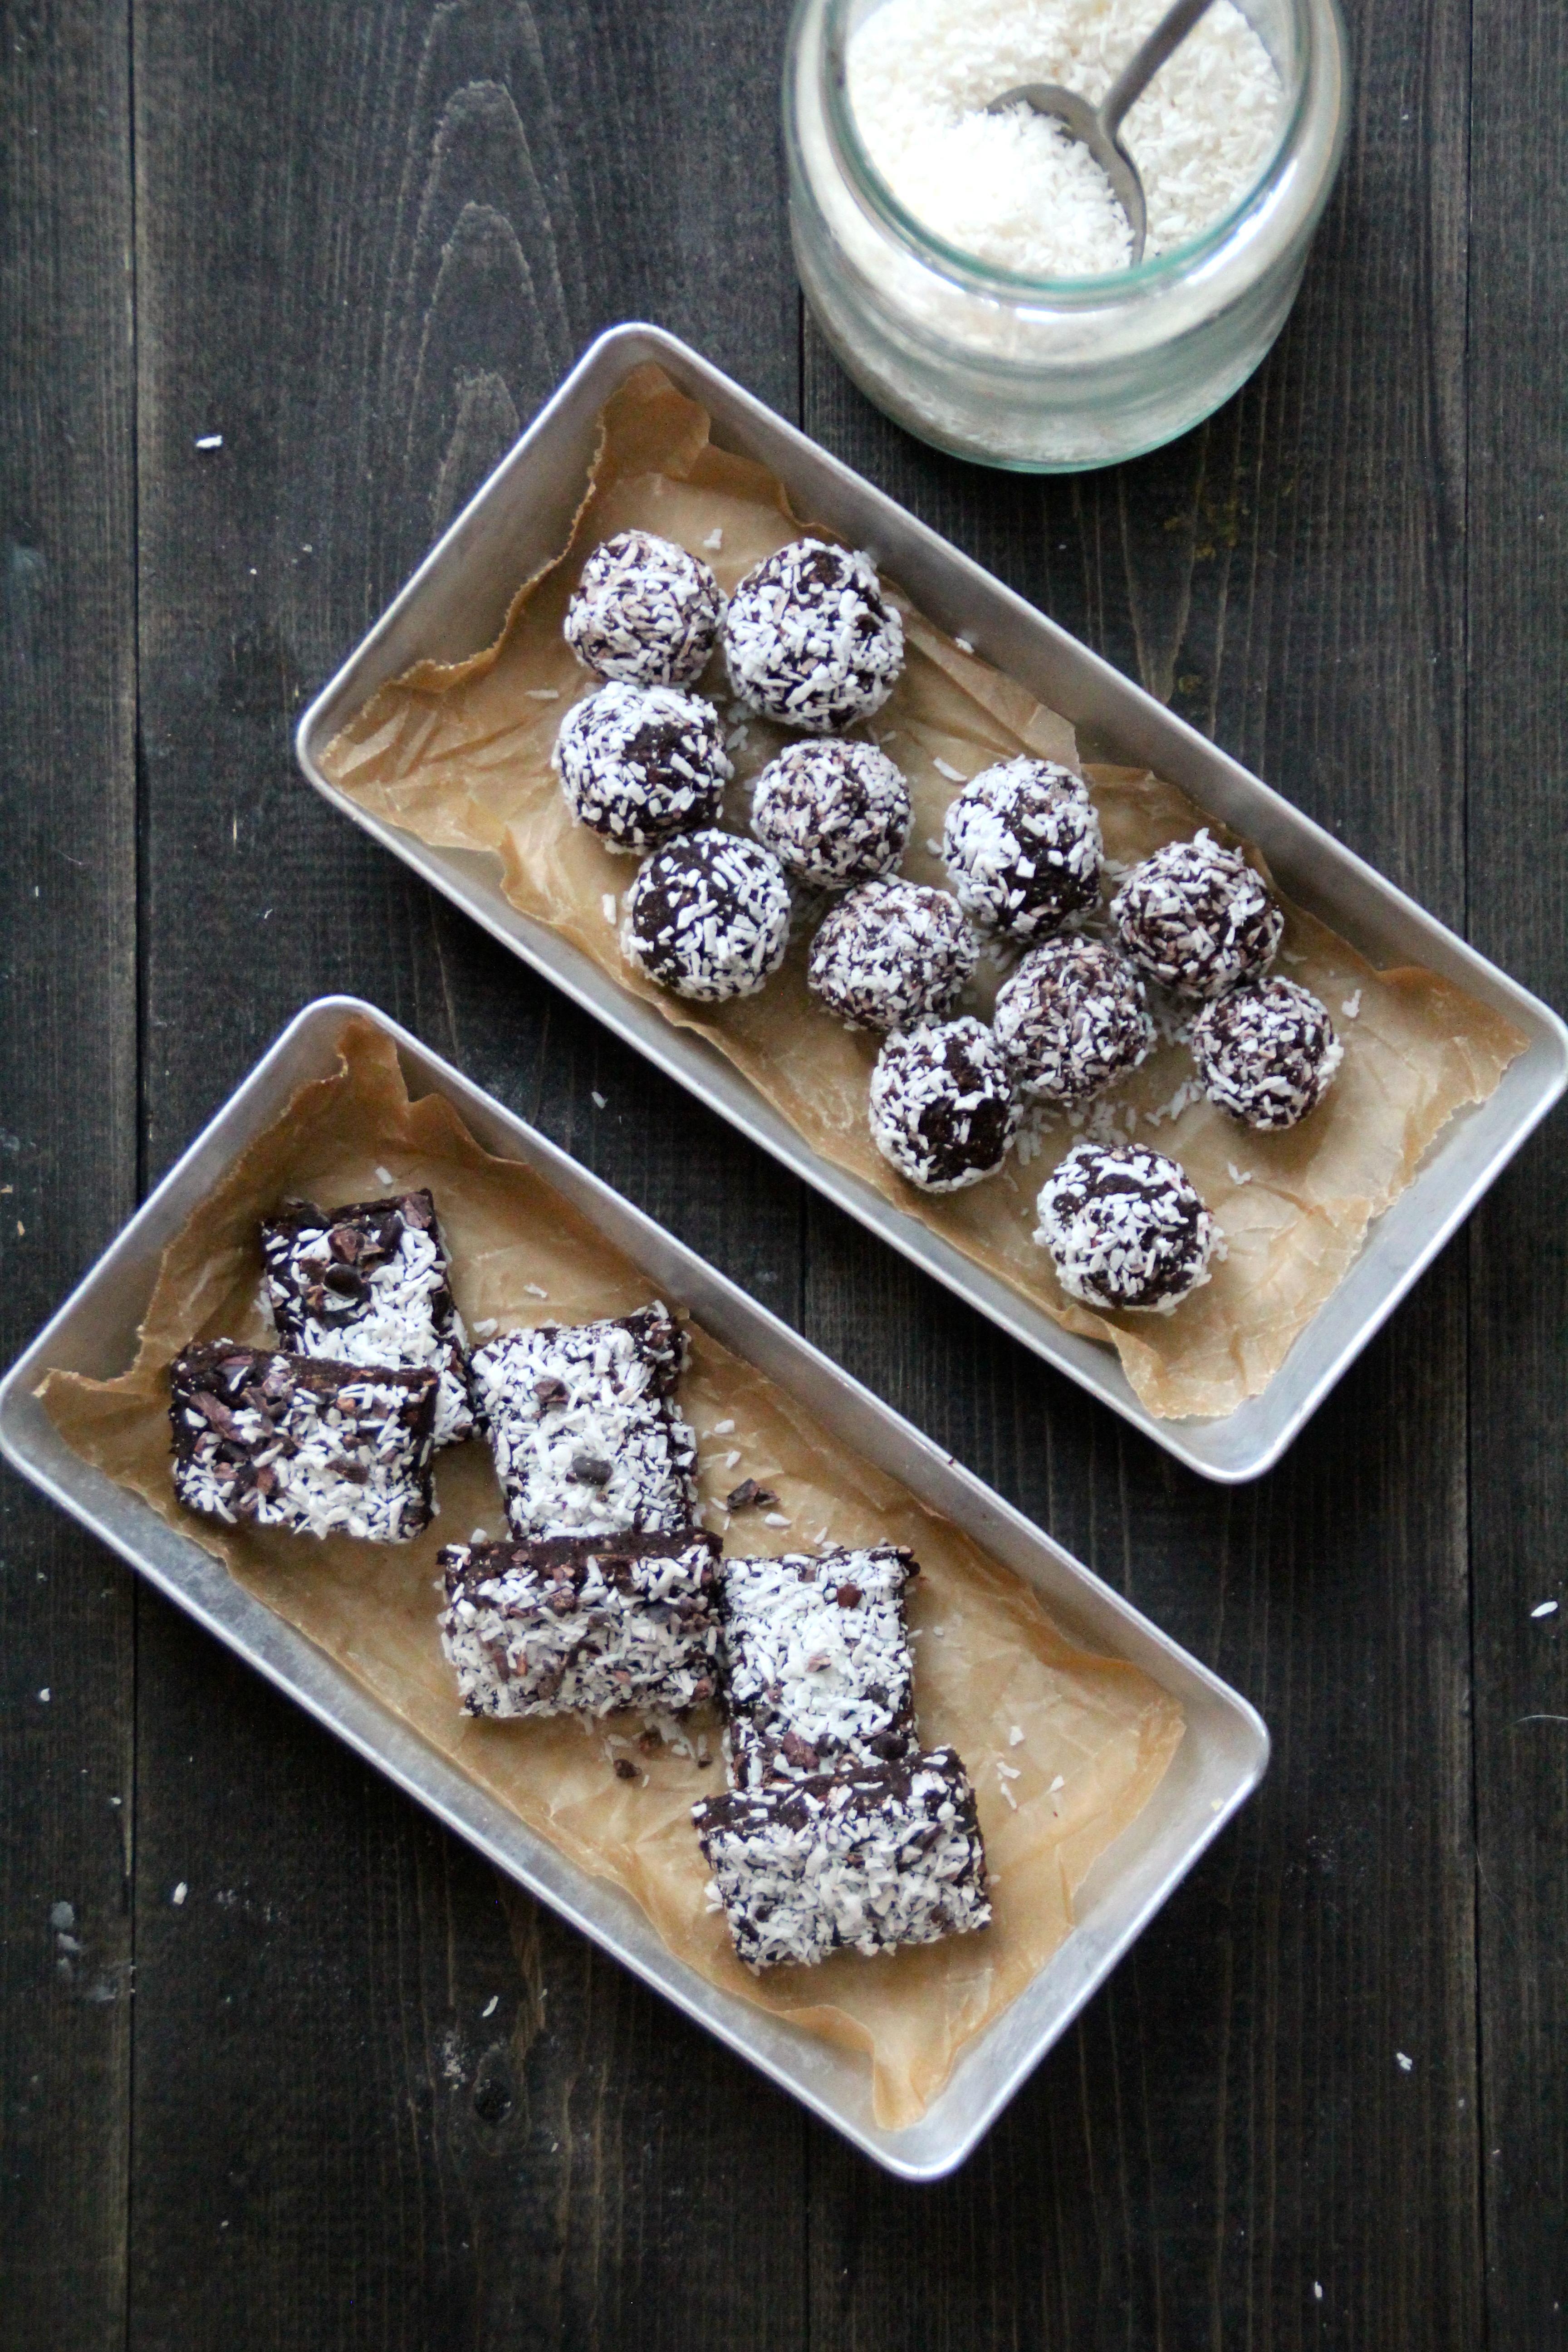 Sunnere sjokoladetrøfler